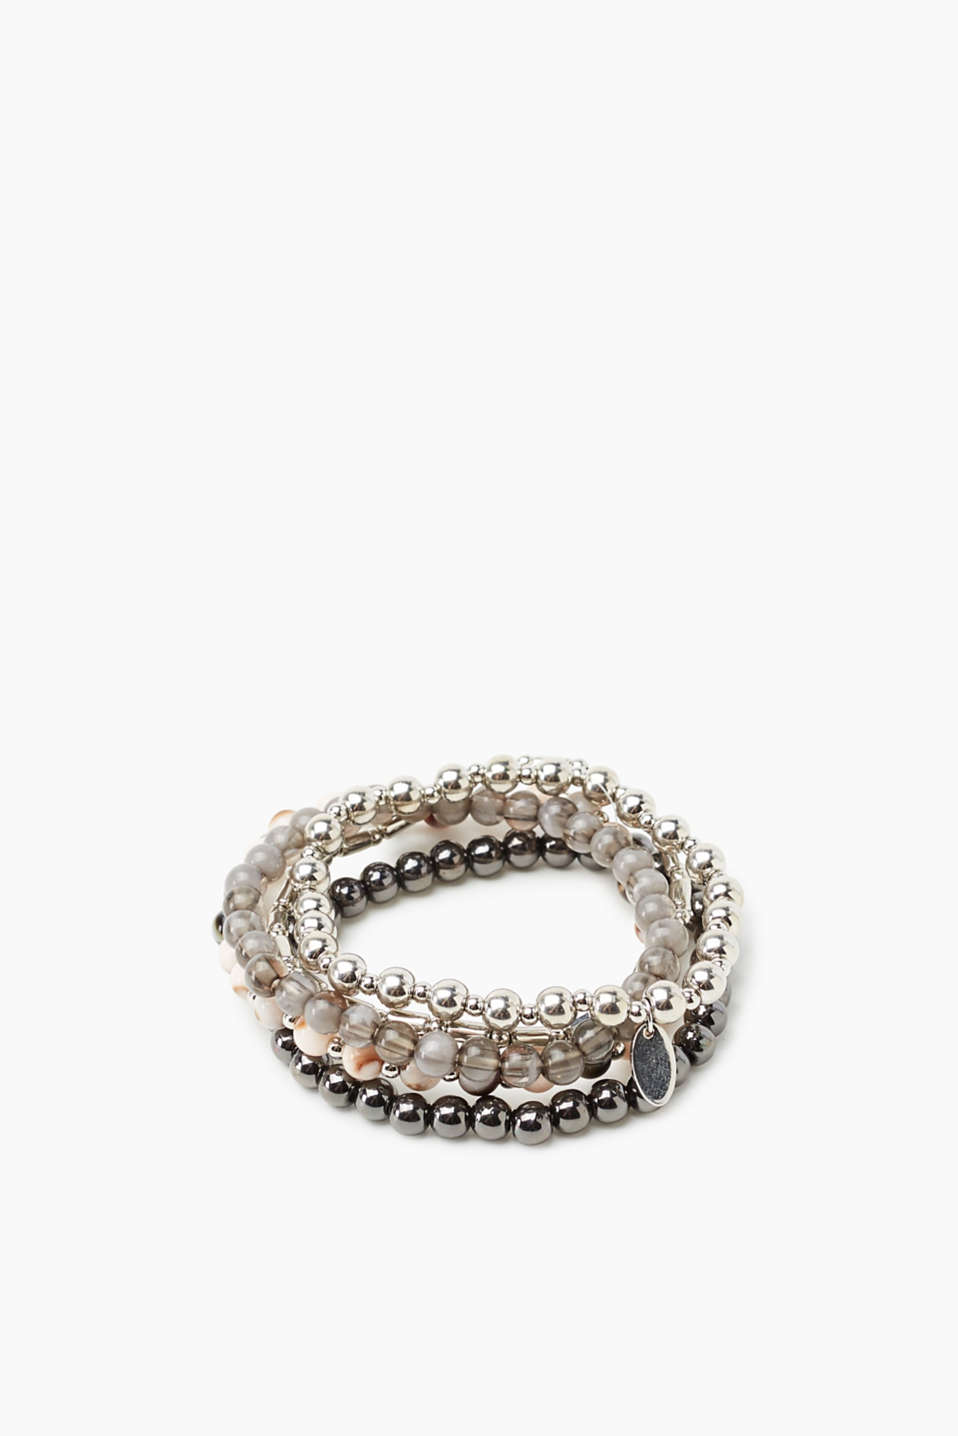 esprit jeu de bracelets de perles lastiques acheter sur la boutique en ligne. Black Bedroom Furniture Sets. Home Design Ideas